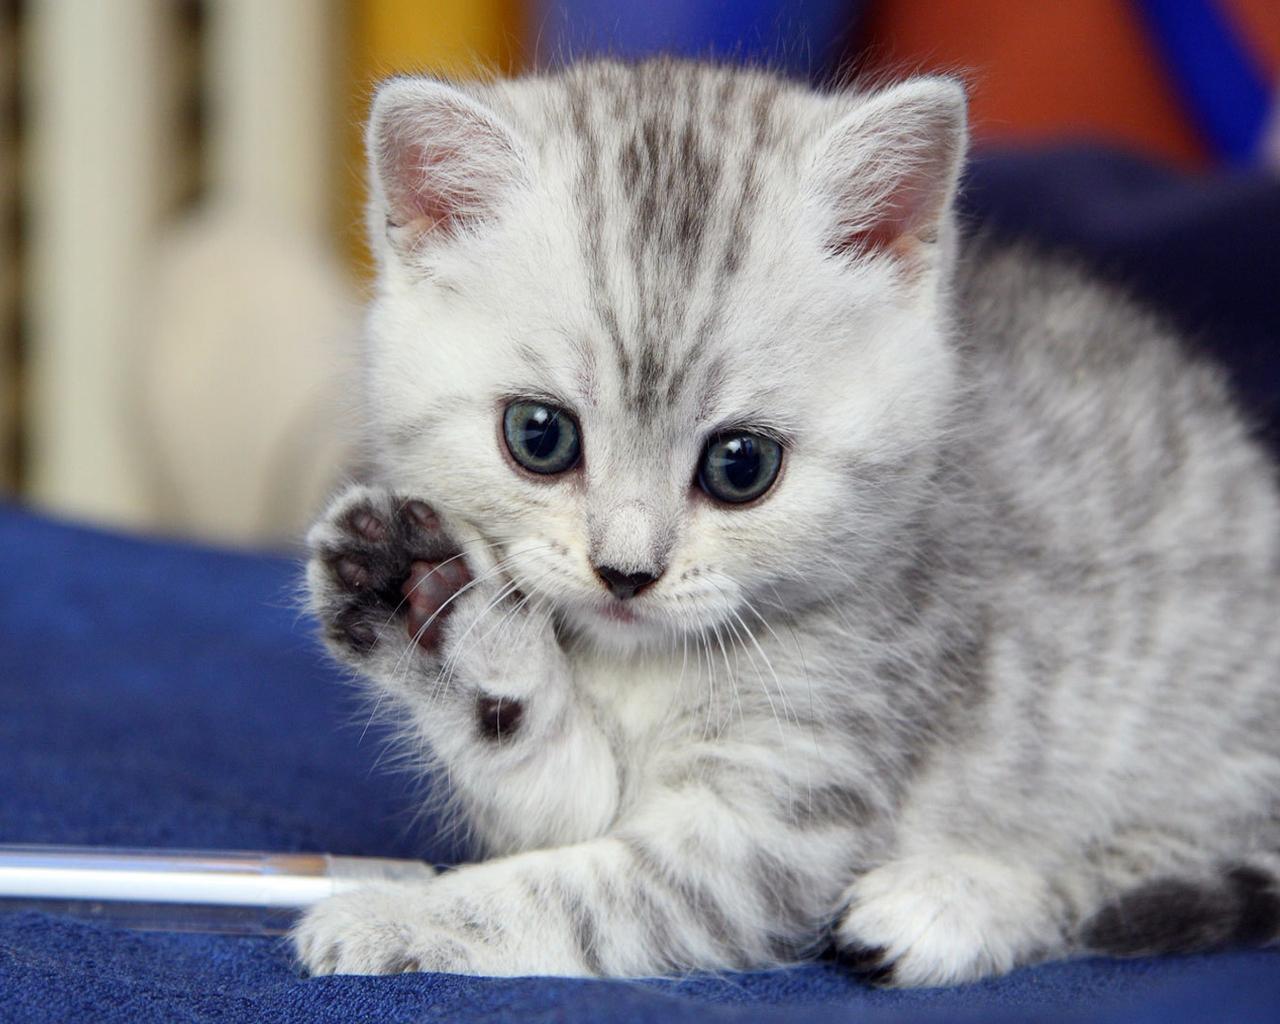 cute-kitten-saying-hello